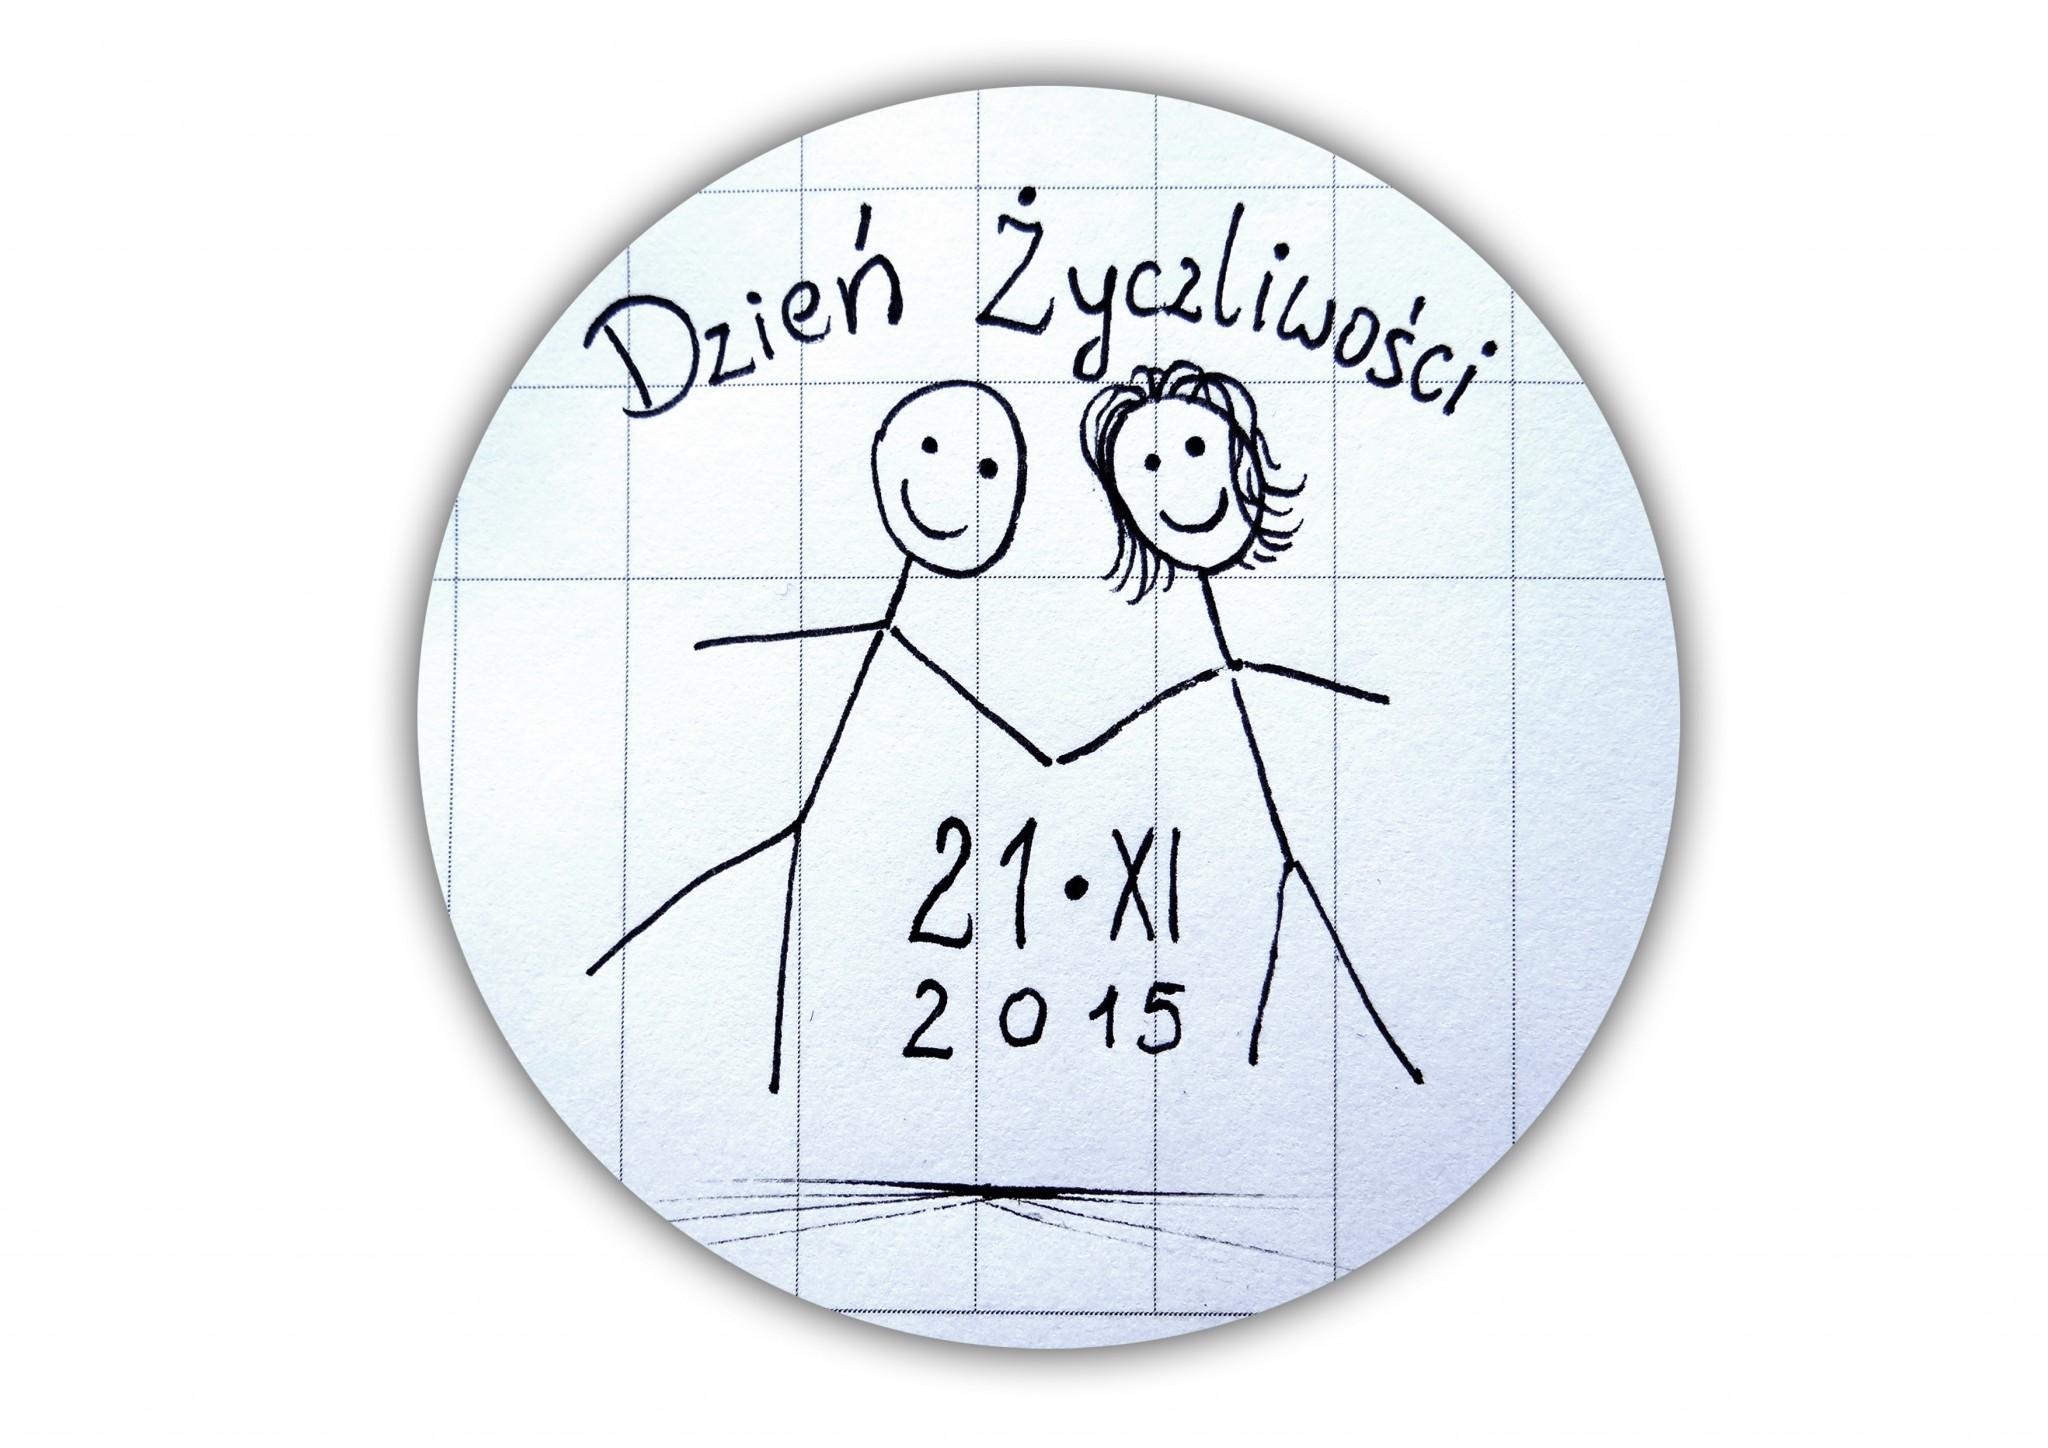 DZyczliwosci 2015 A4